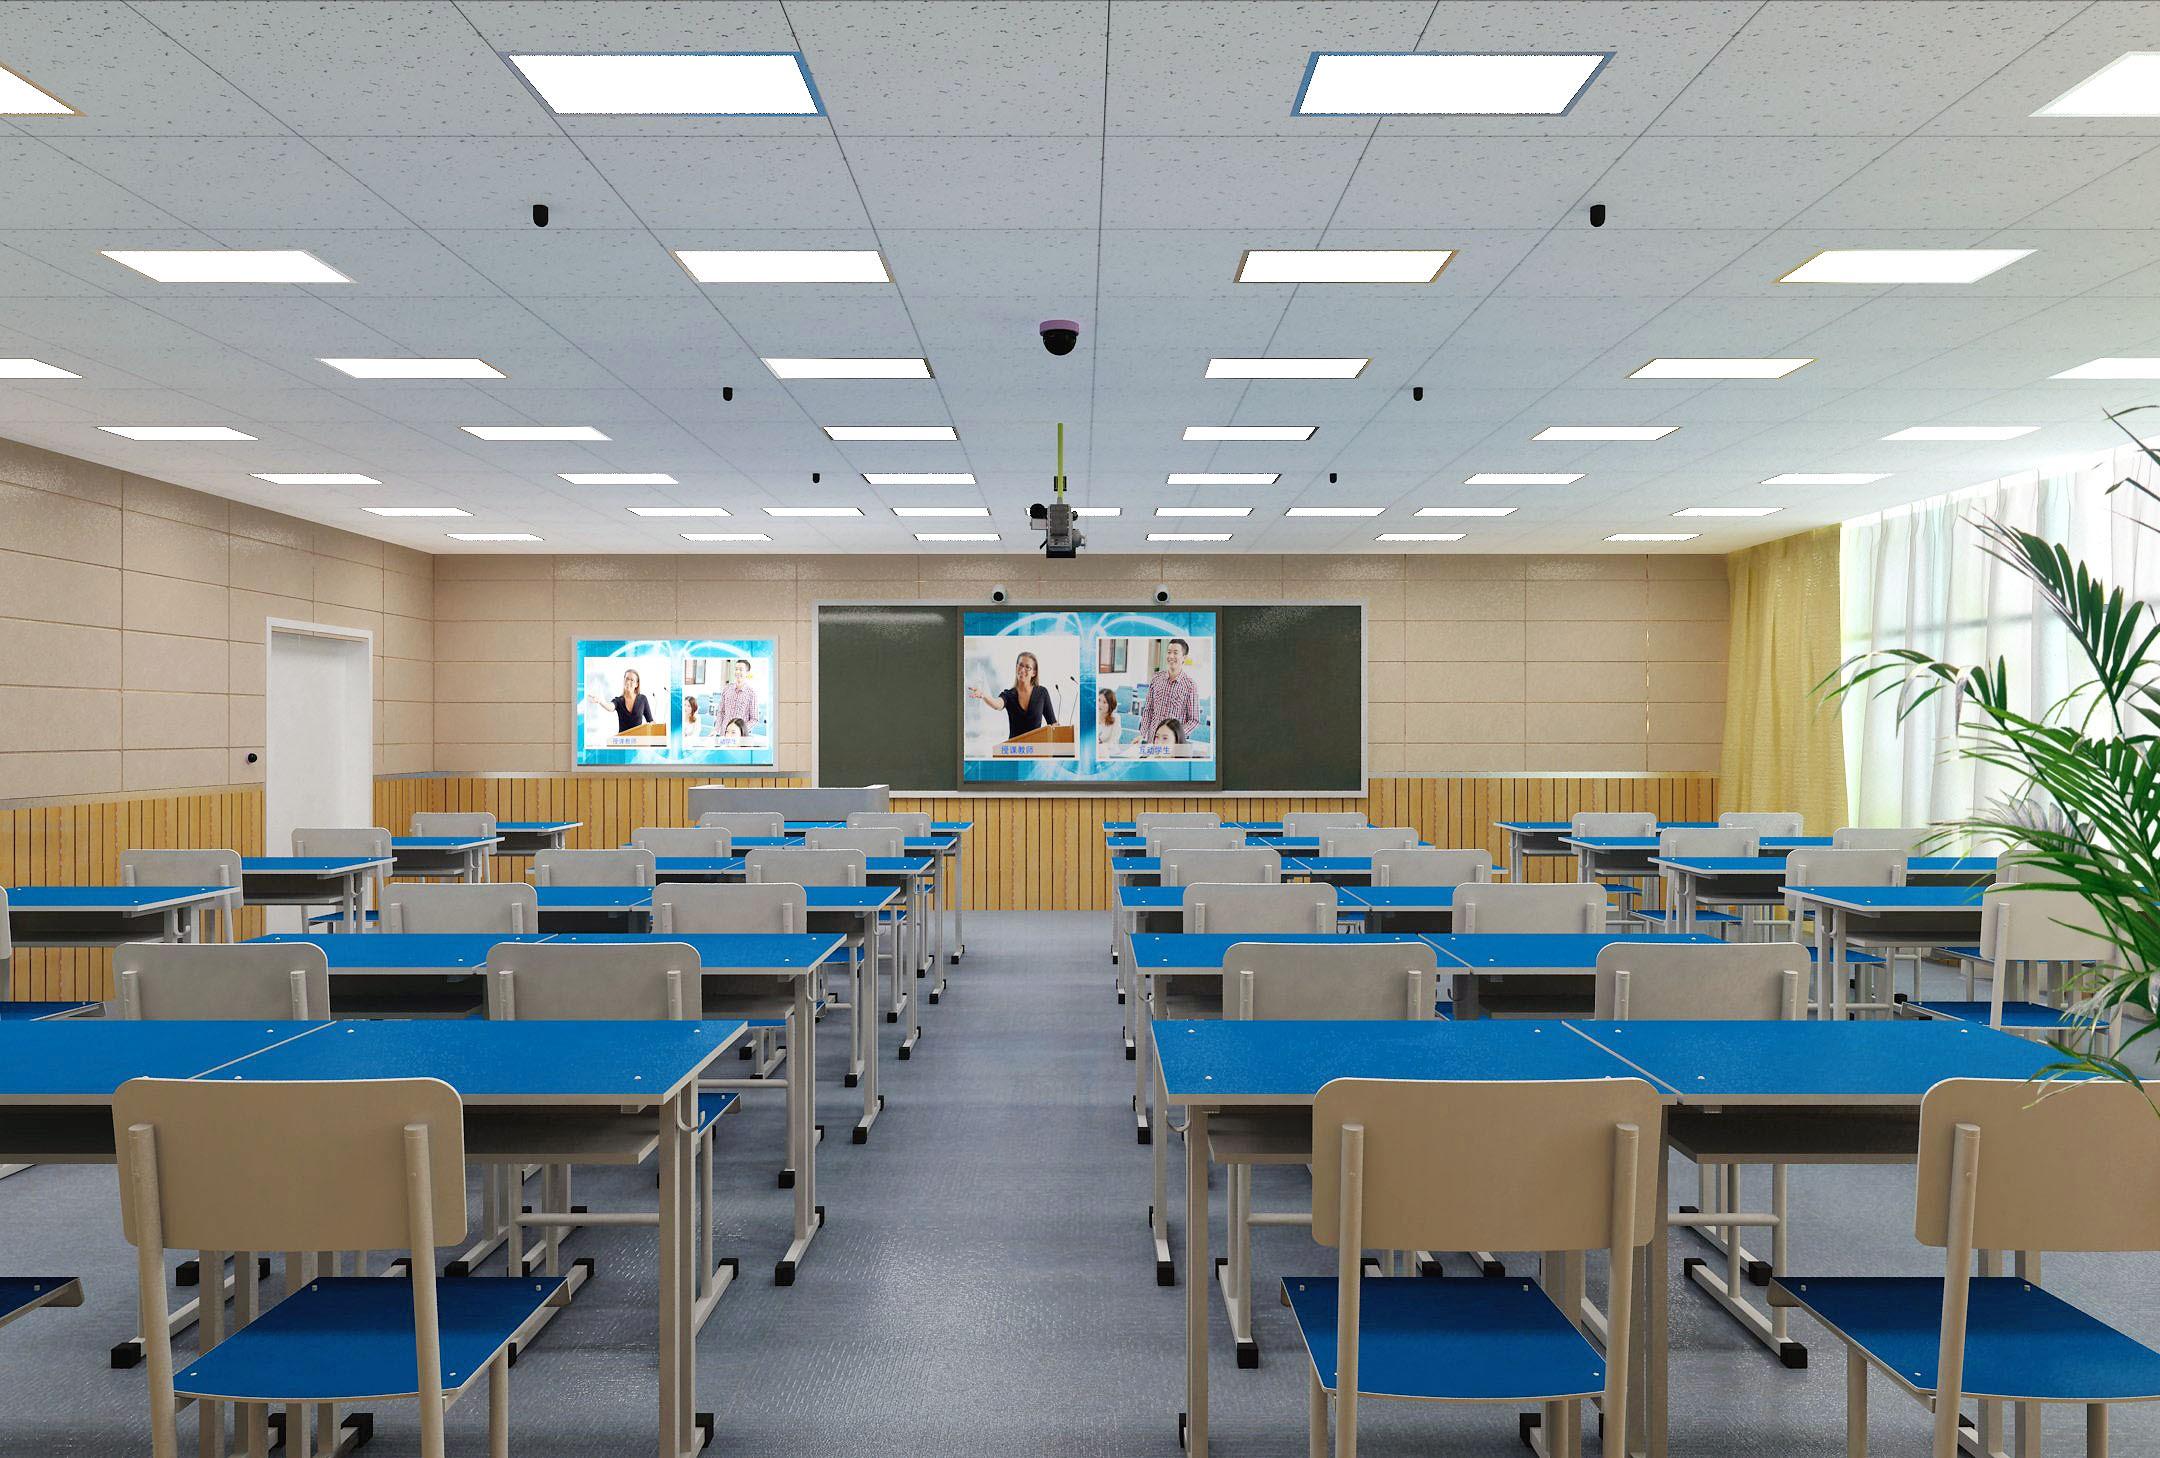 录播教室装修方案-录播系统解决方案